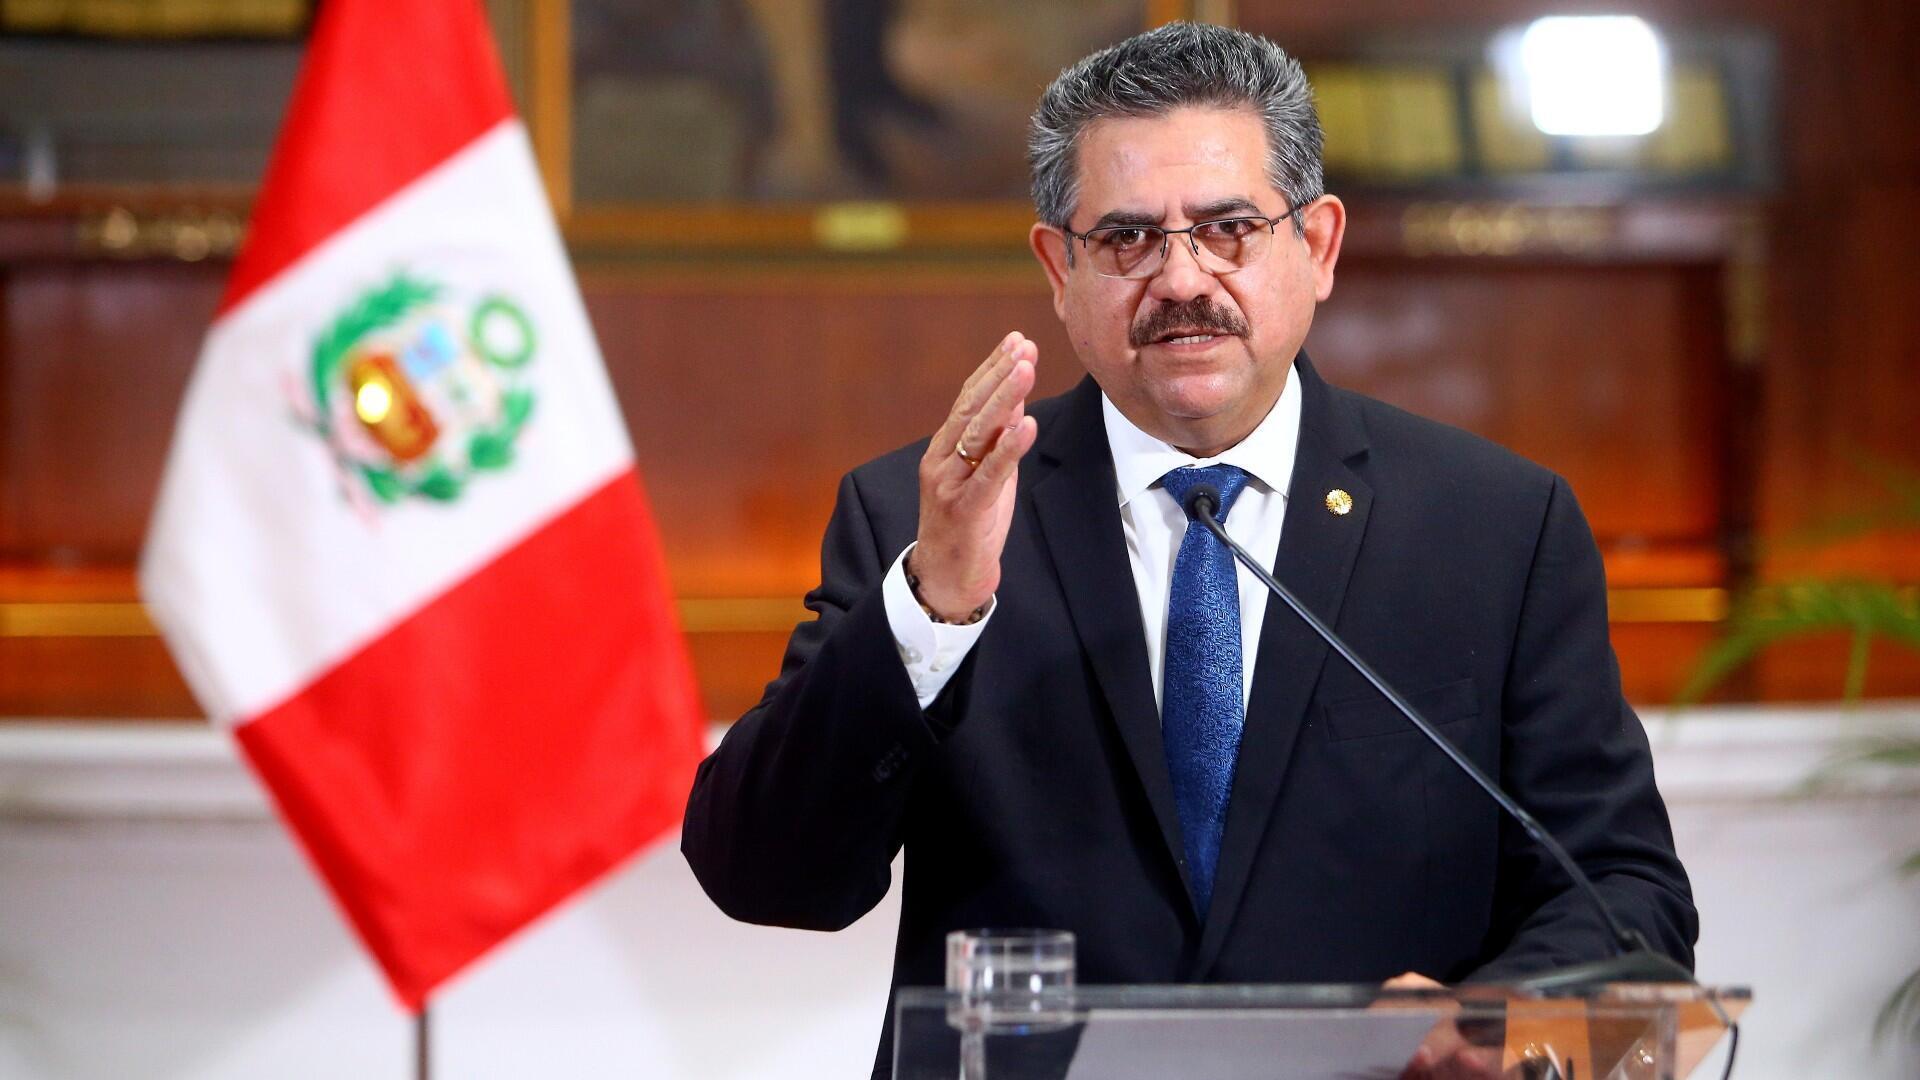 El presidente transitorio de Perú, Manuel Merino, anuncia su renuncia en un discurso televisado, en Lima, Perú, el 15 de noviembre de 2020.